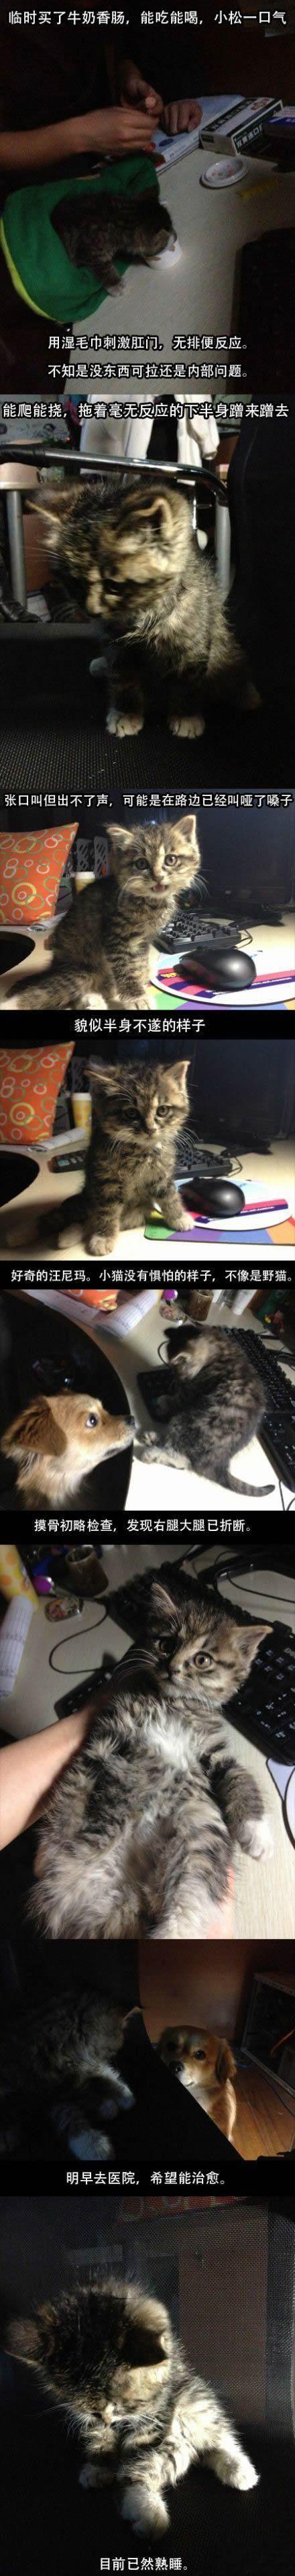 回家路上捡到一只猫